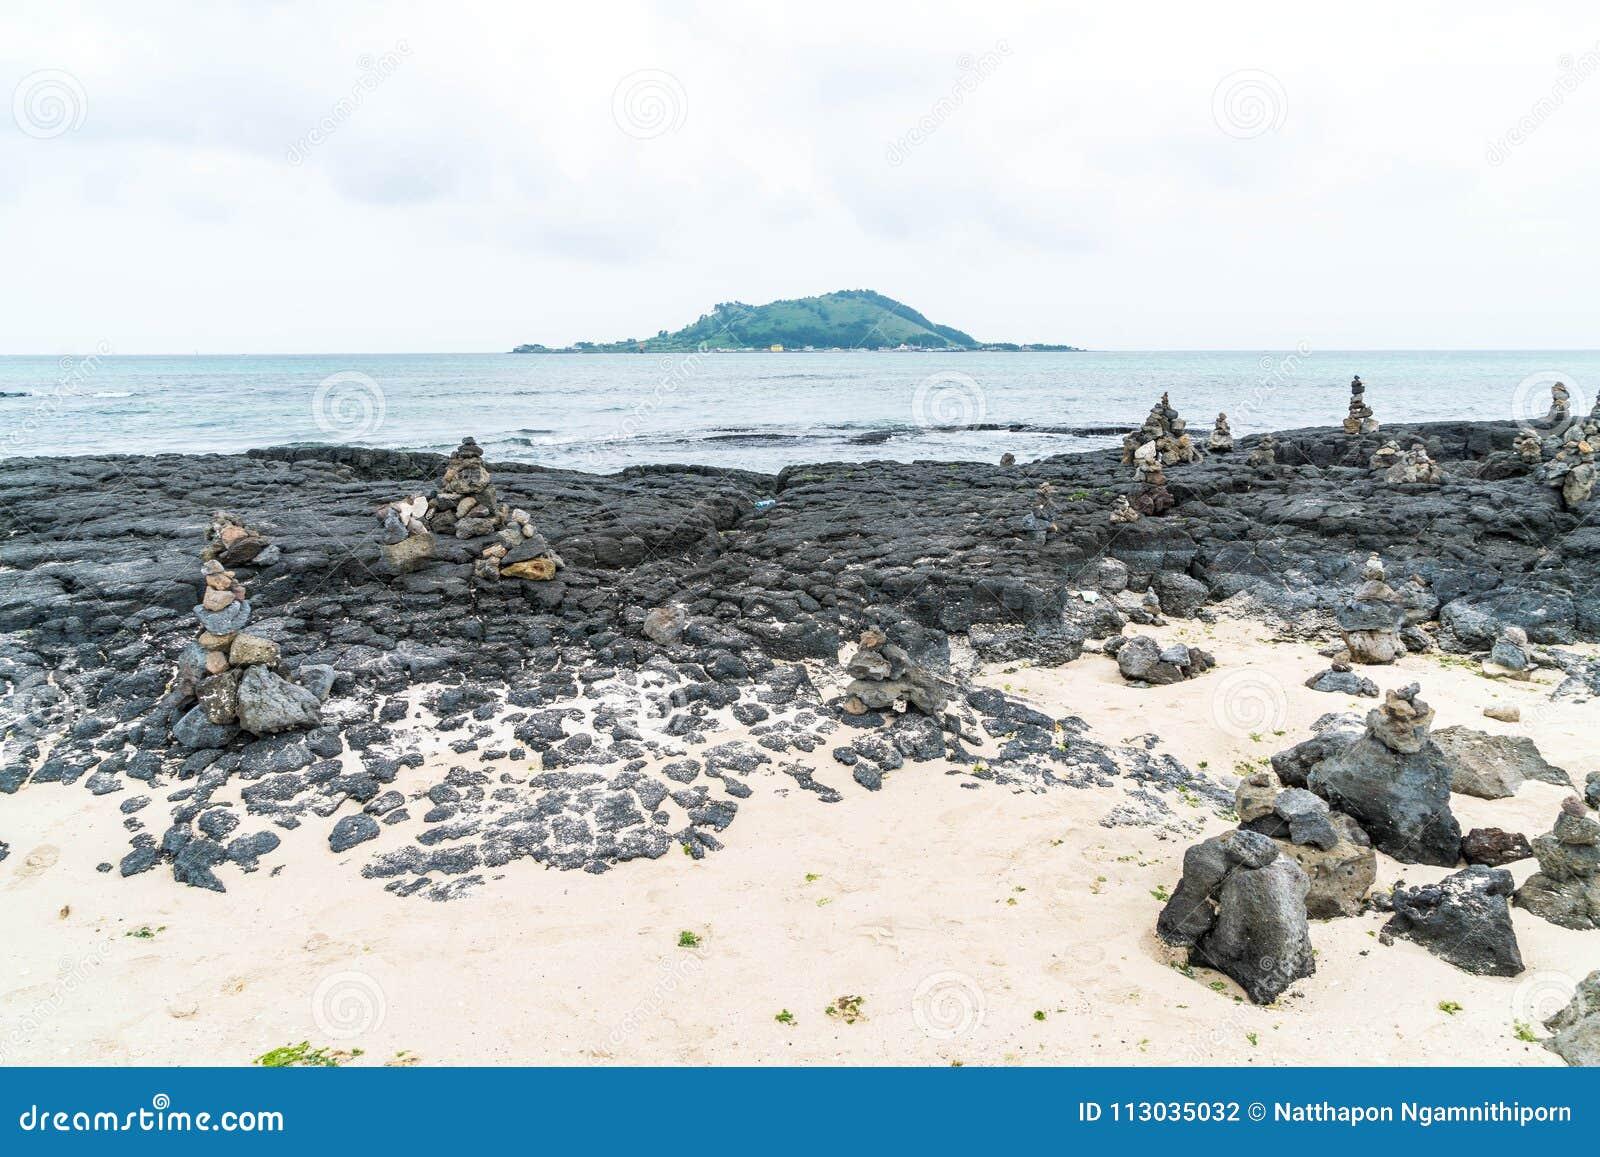 Las torres de piedra en rocas basálticas en Hyeopjae varan, isla de Jeju